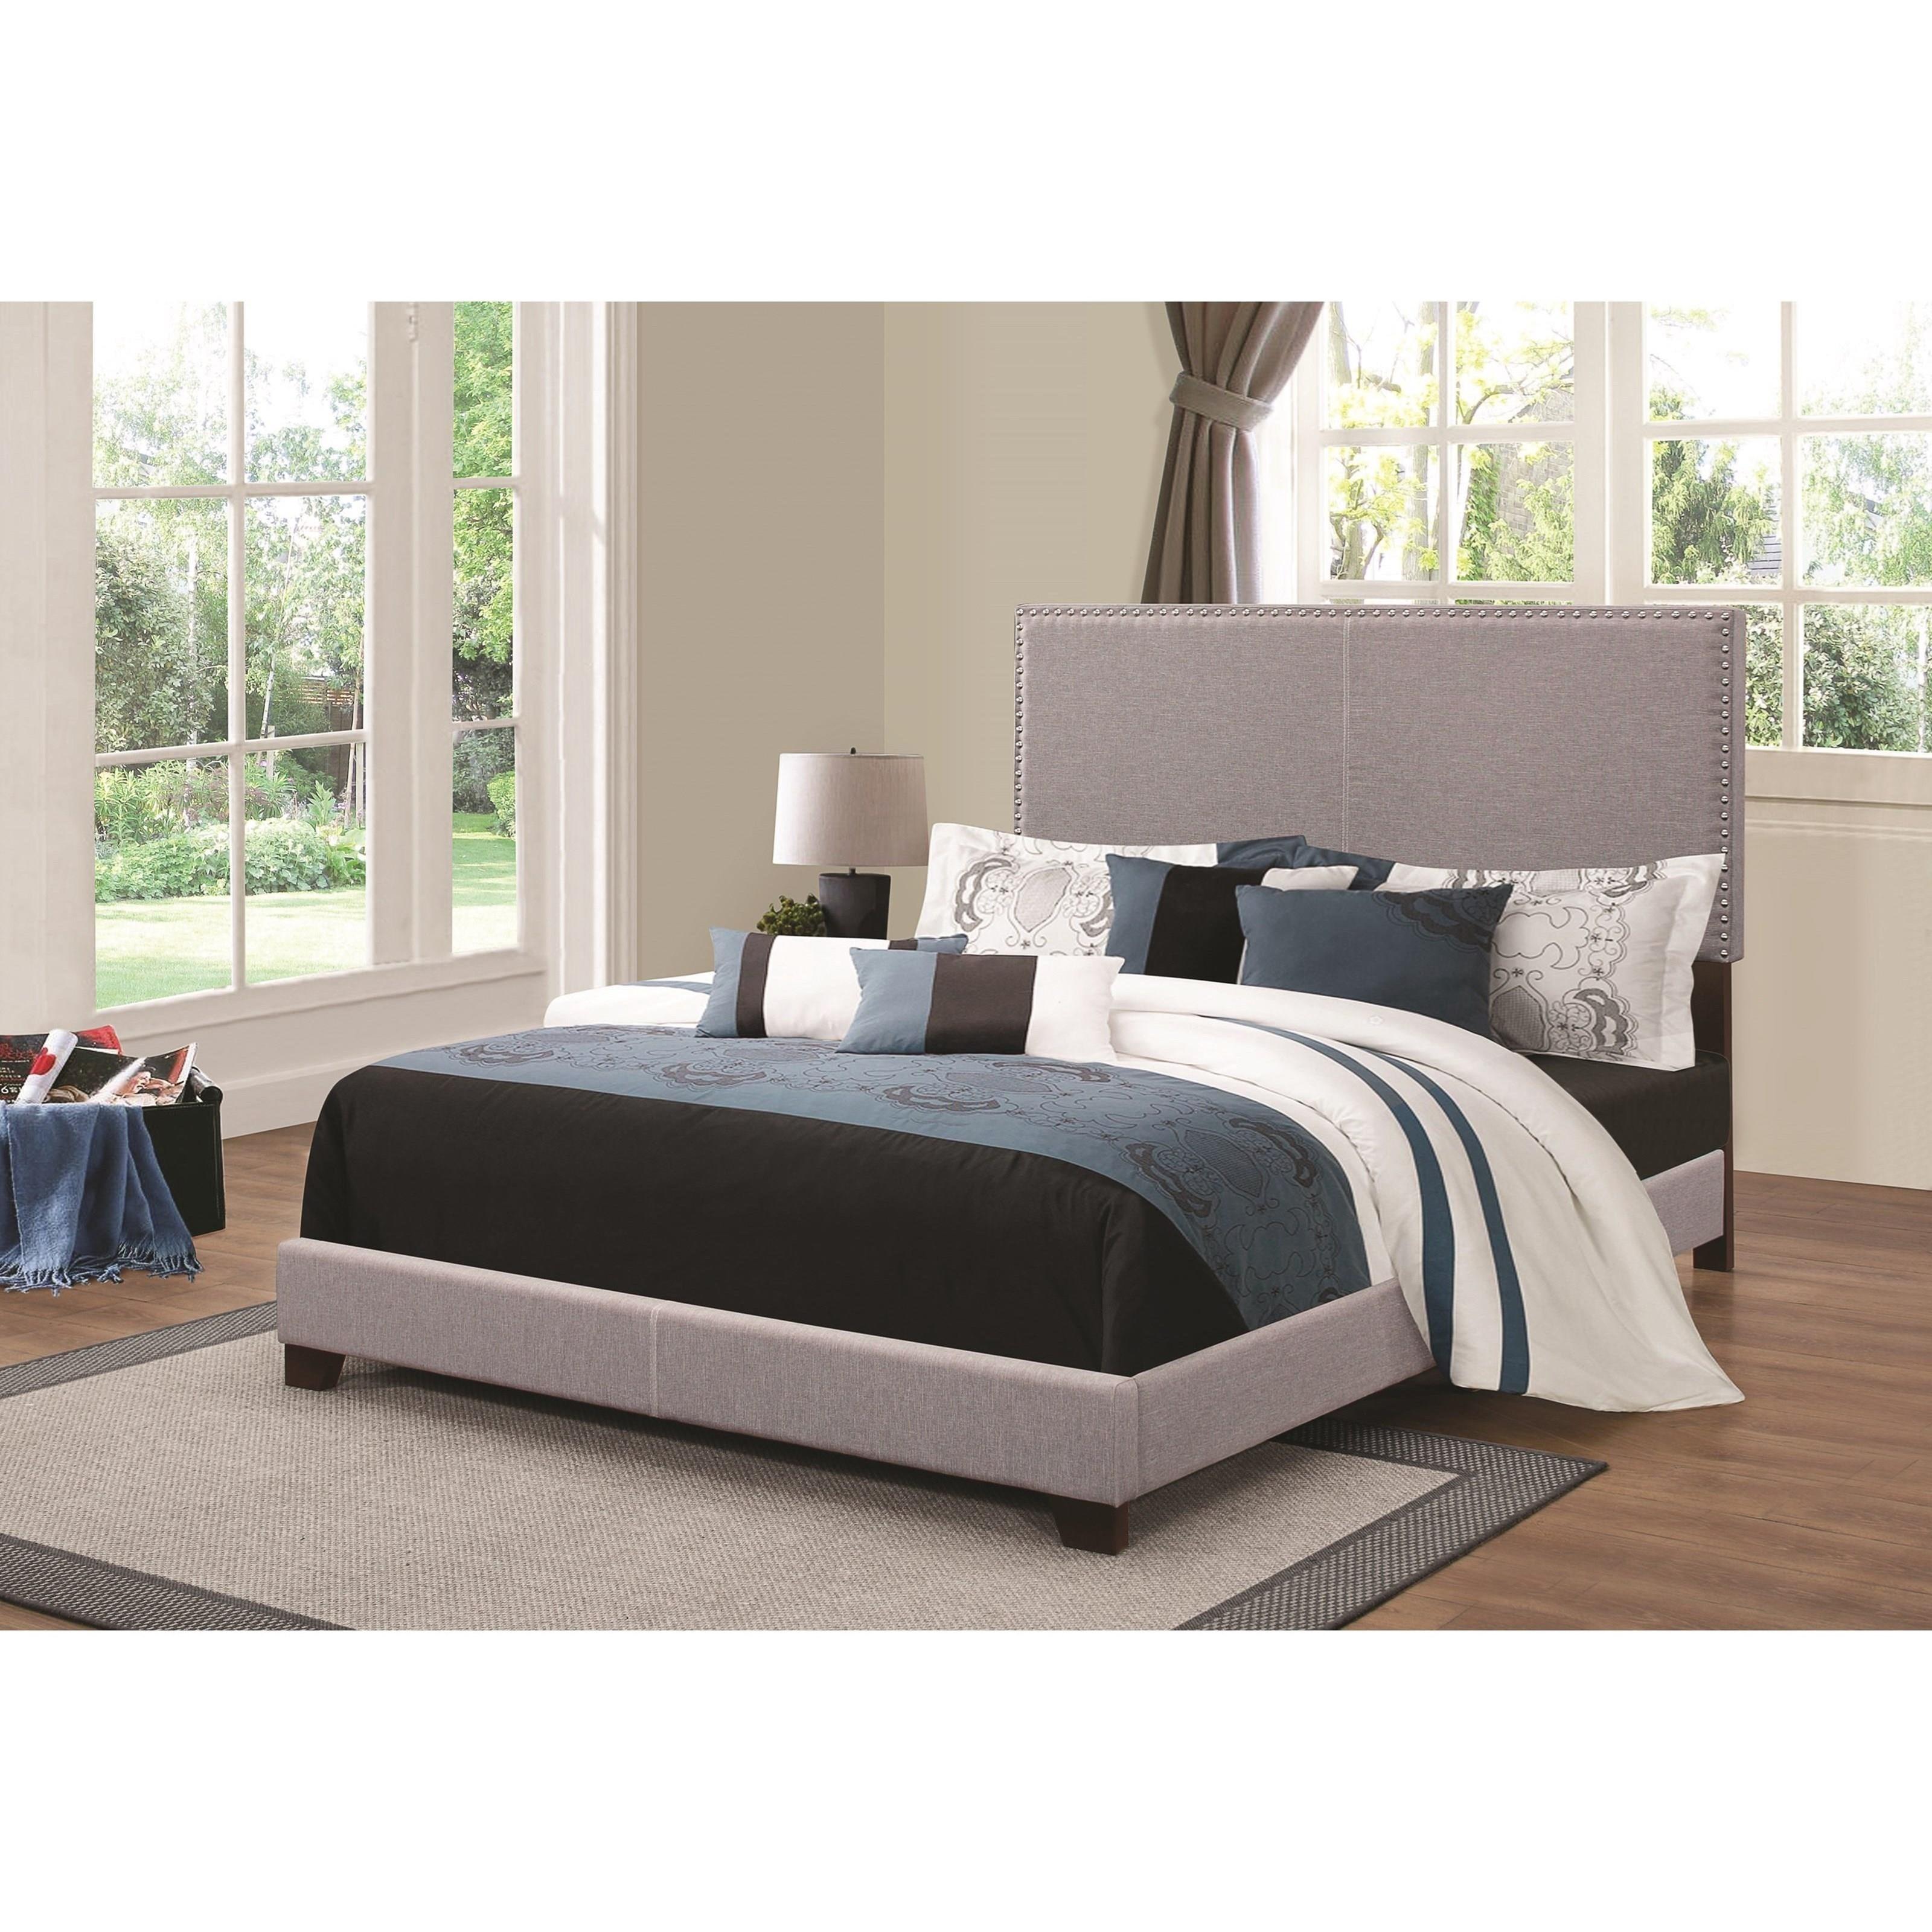 Coaster Upholstered Beds King Bed - Item Number: 350071KE